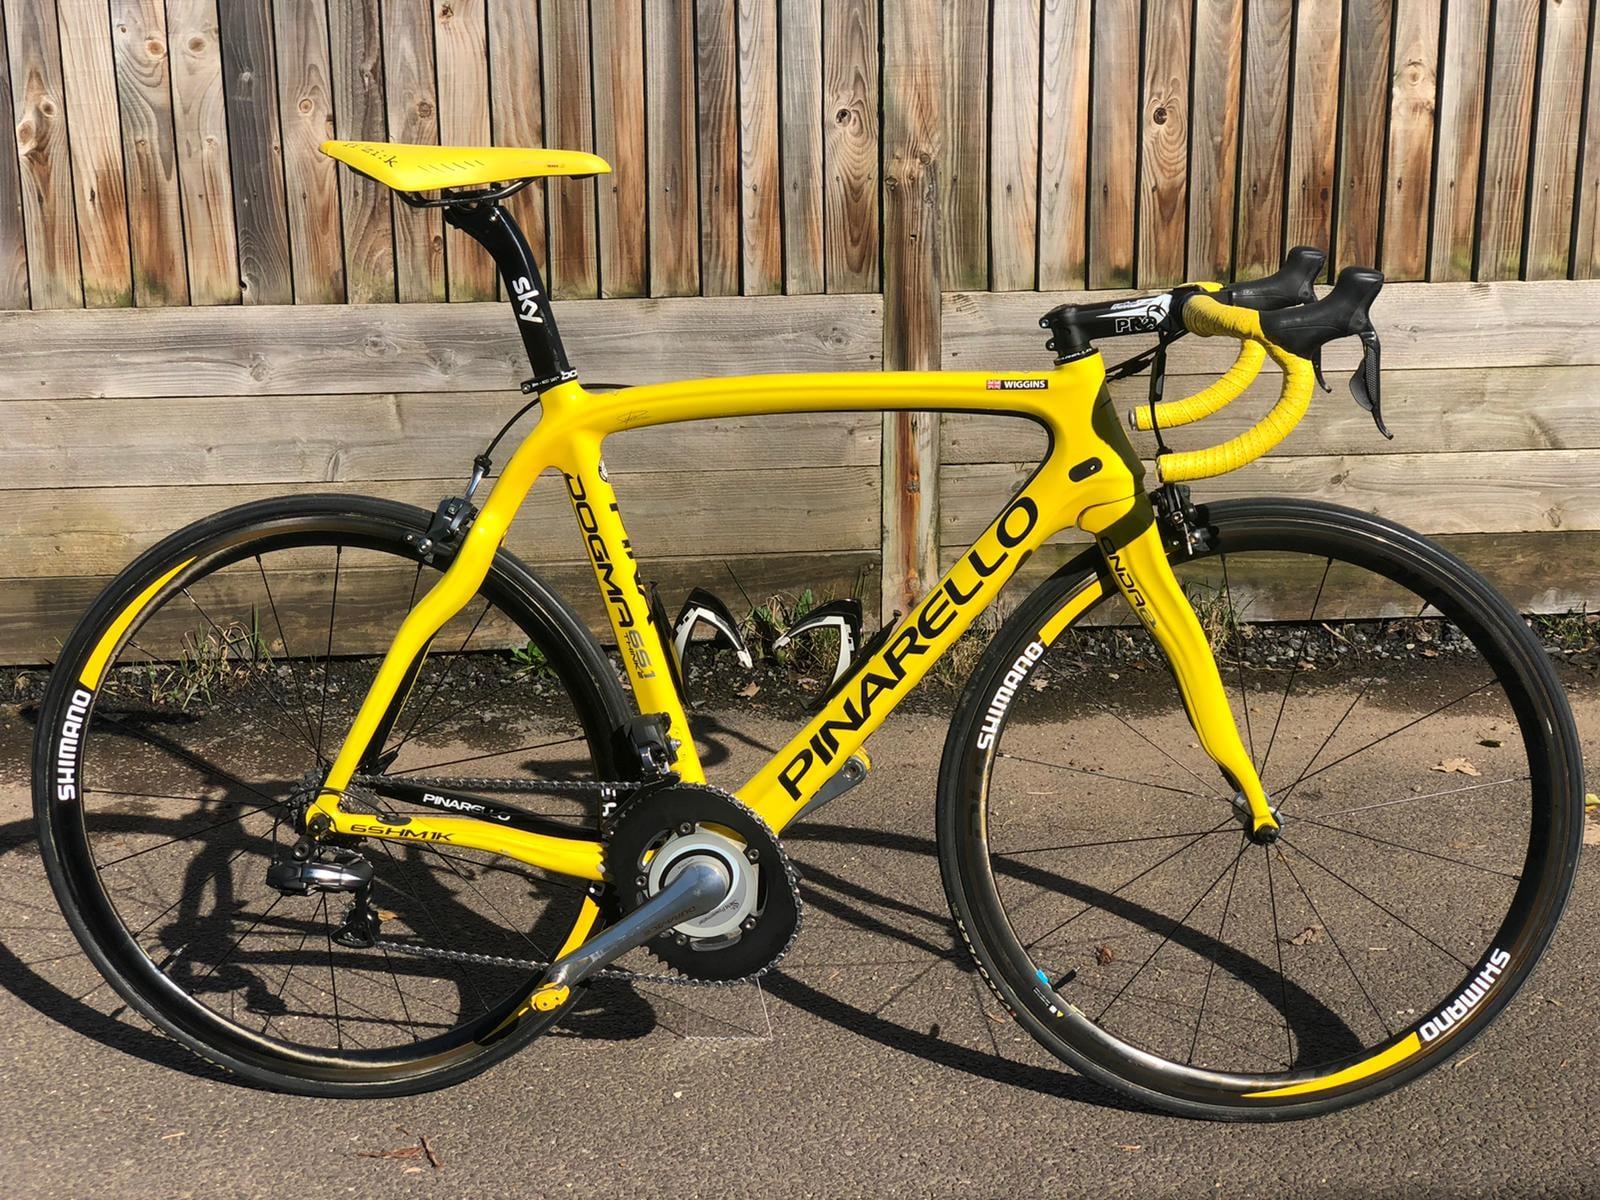 Wiggins Tour de France yellow pinarello